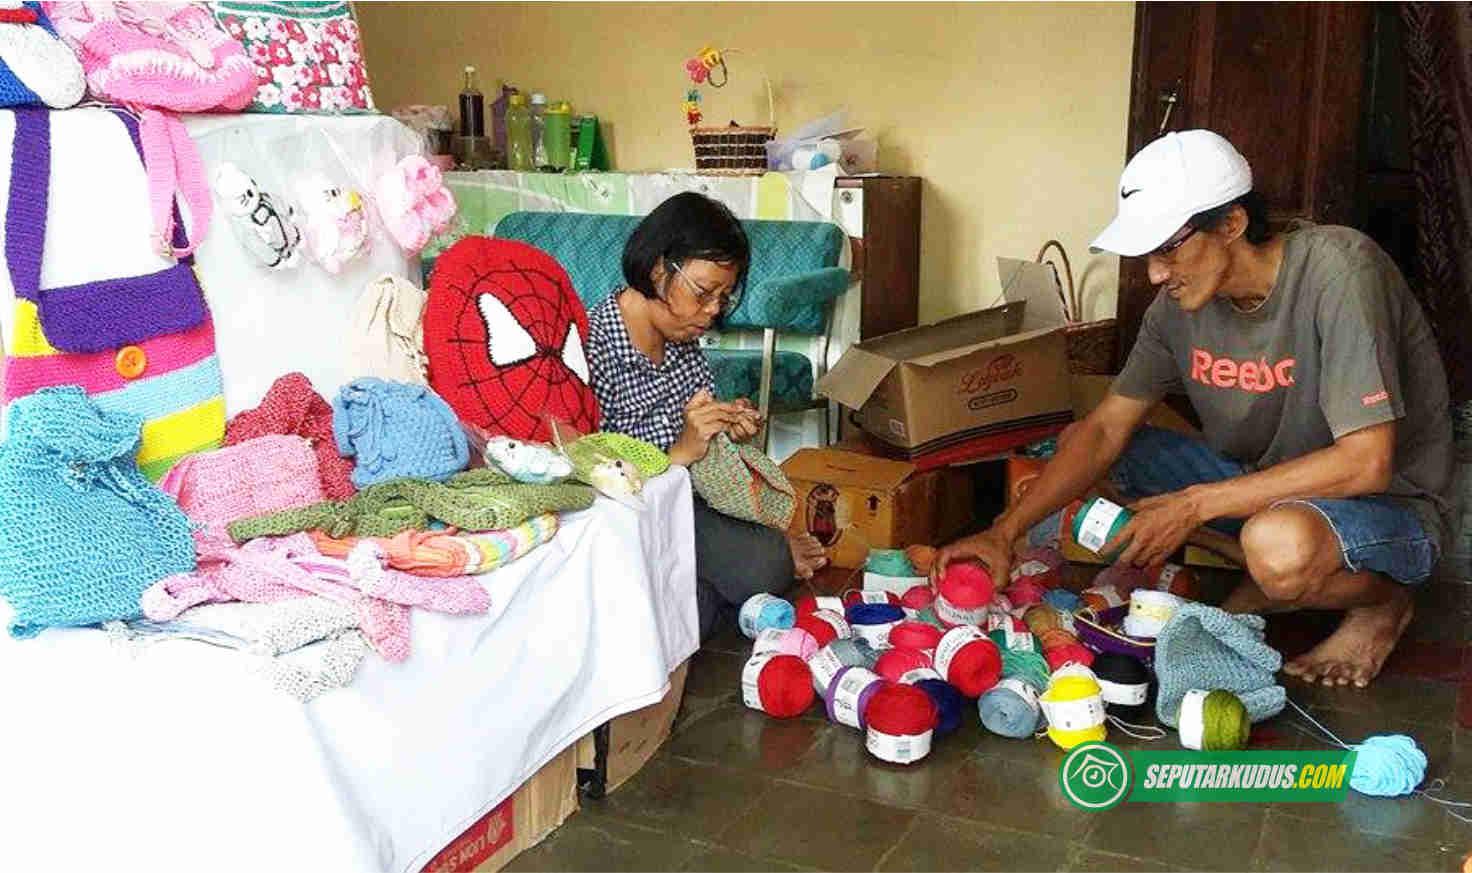 Arif Afroni bersama istri membuat produk rajutan hand made_2017_8